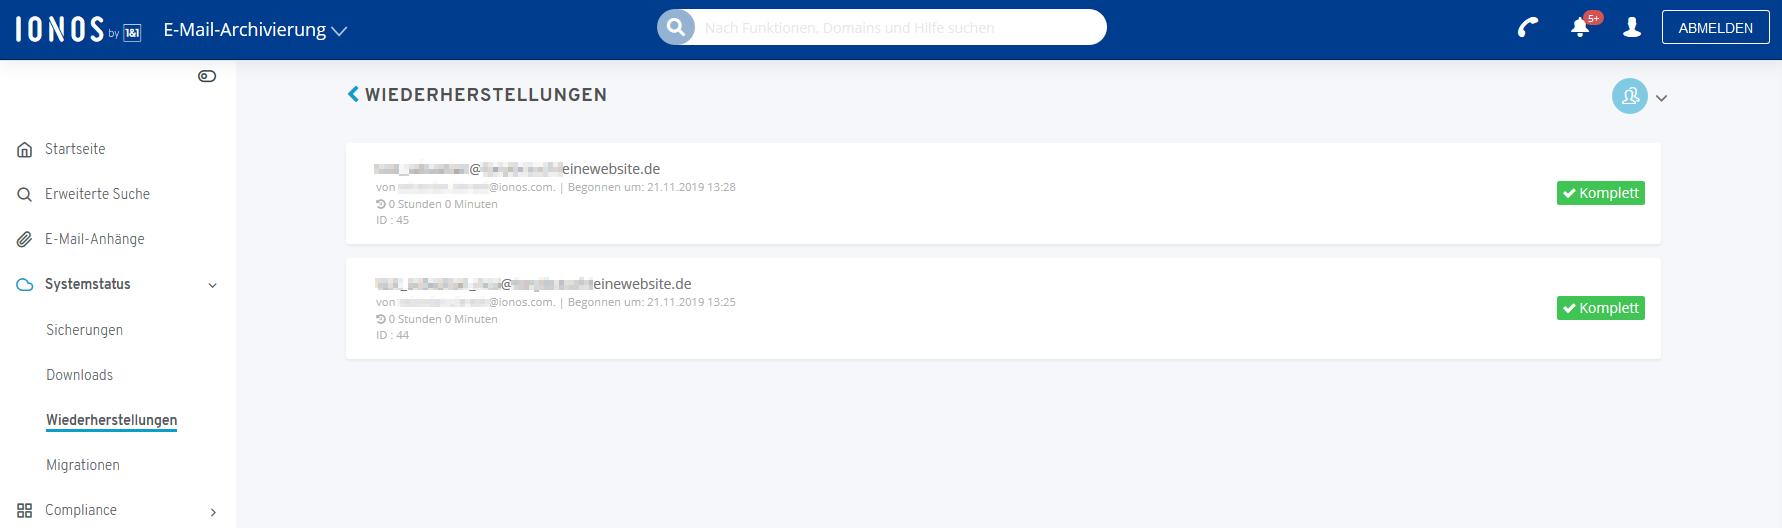 Wiederherstellen anhänge gelöschte gmx e-mail Dateianhänge